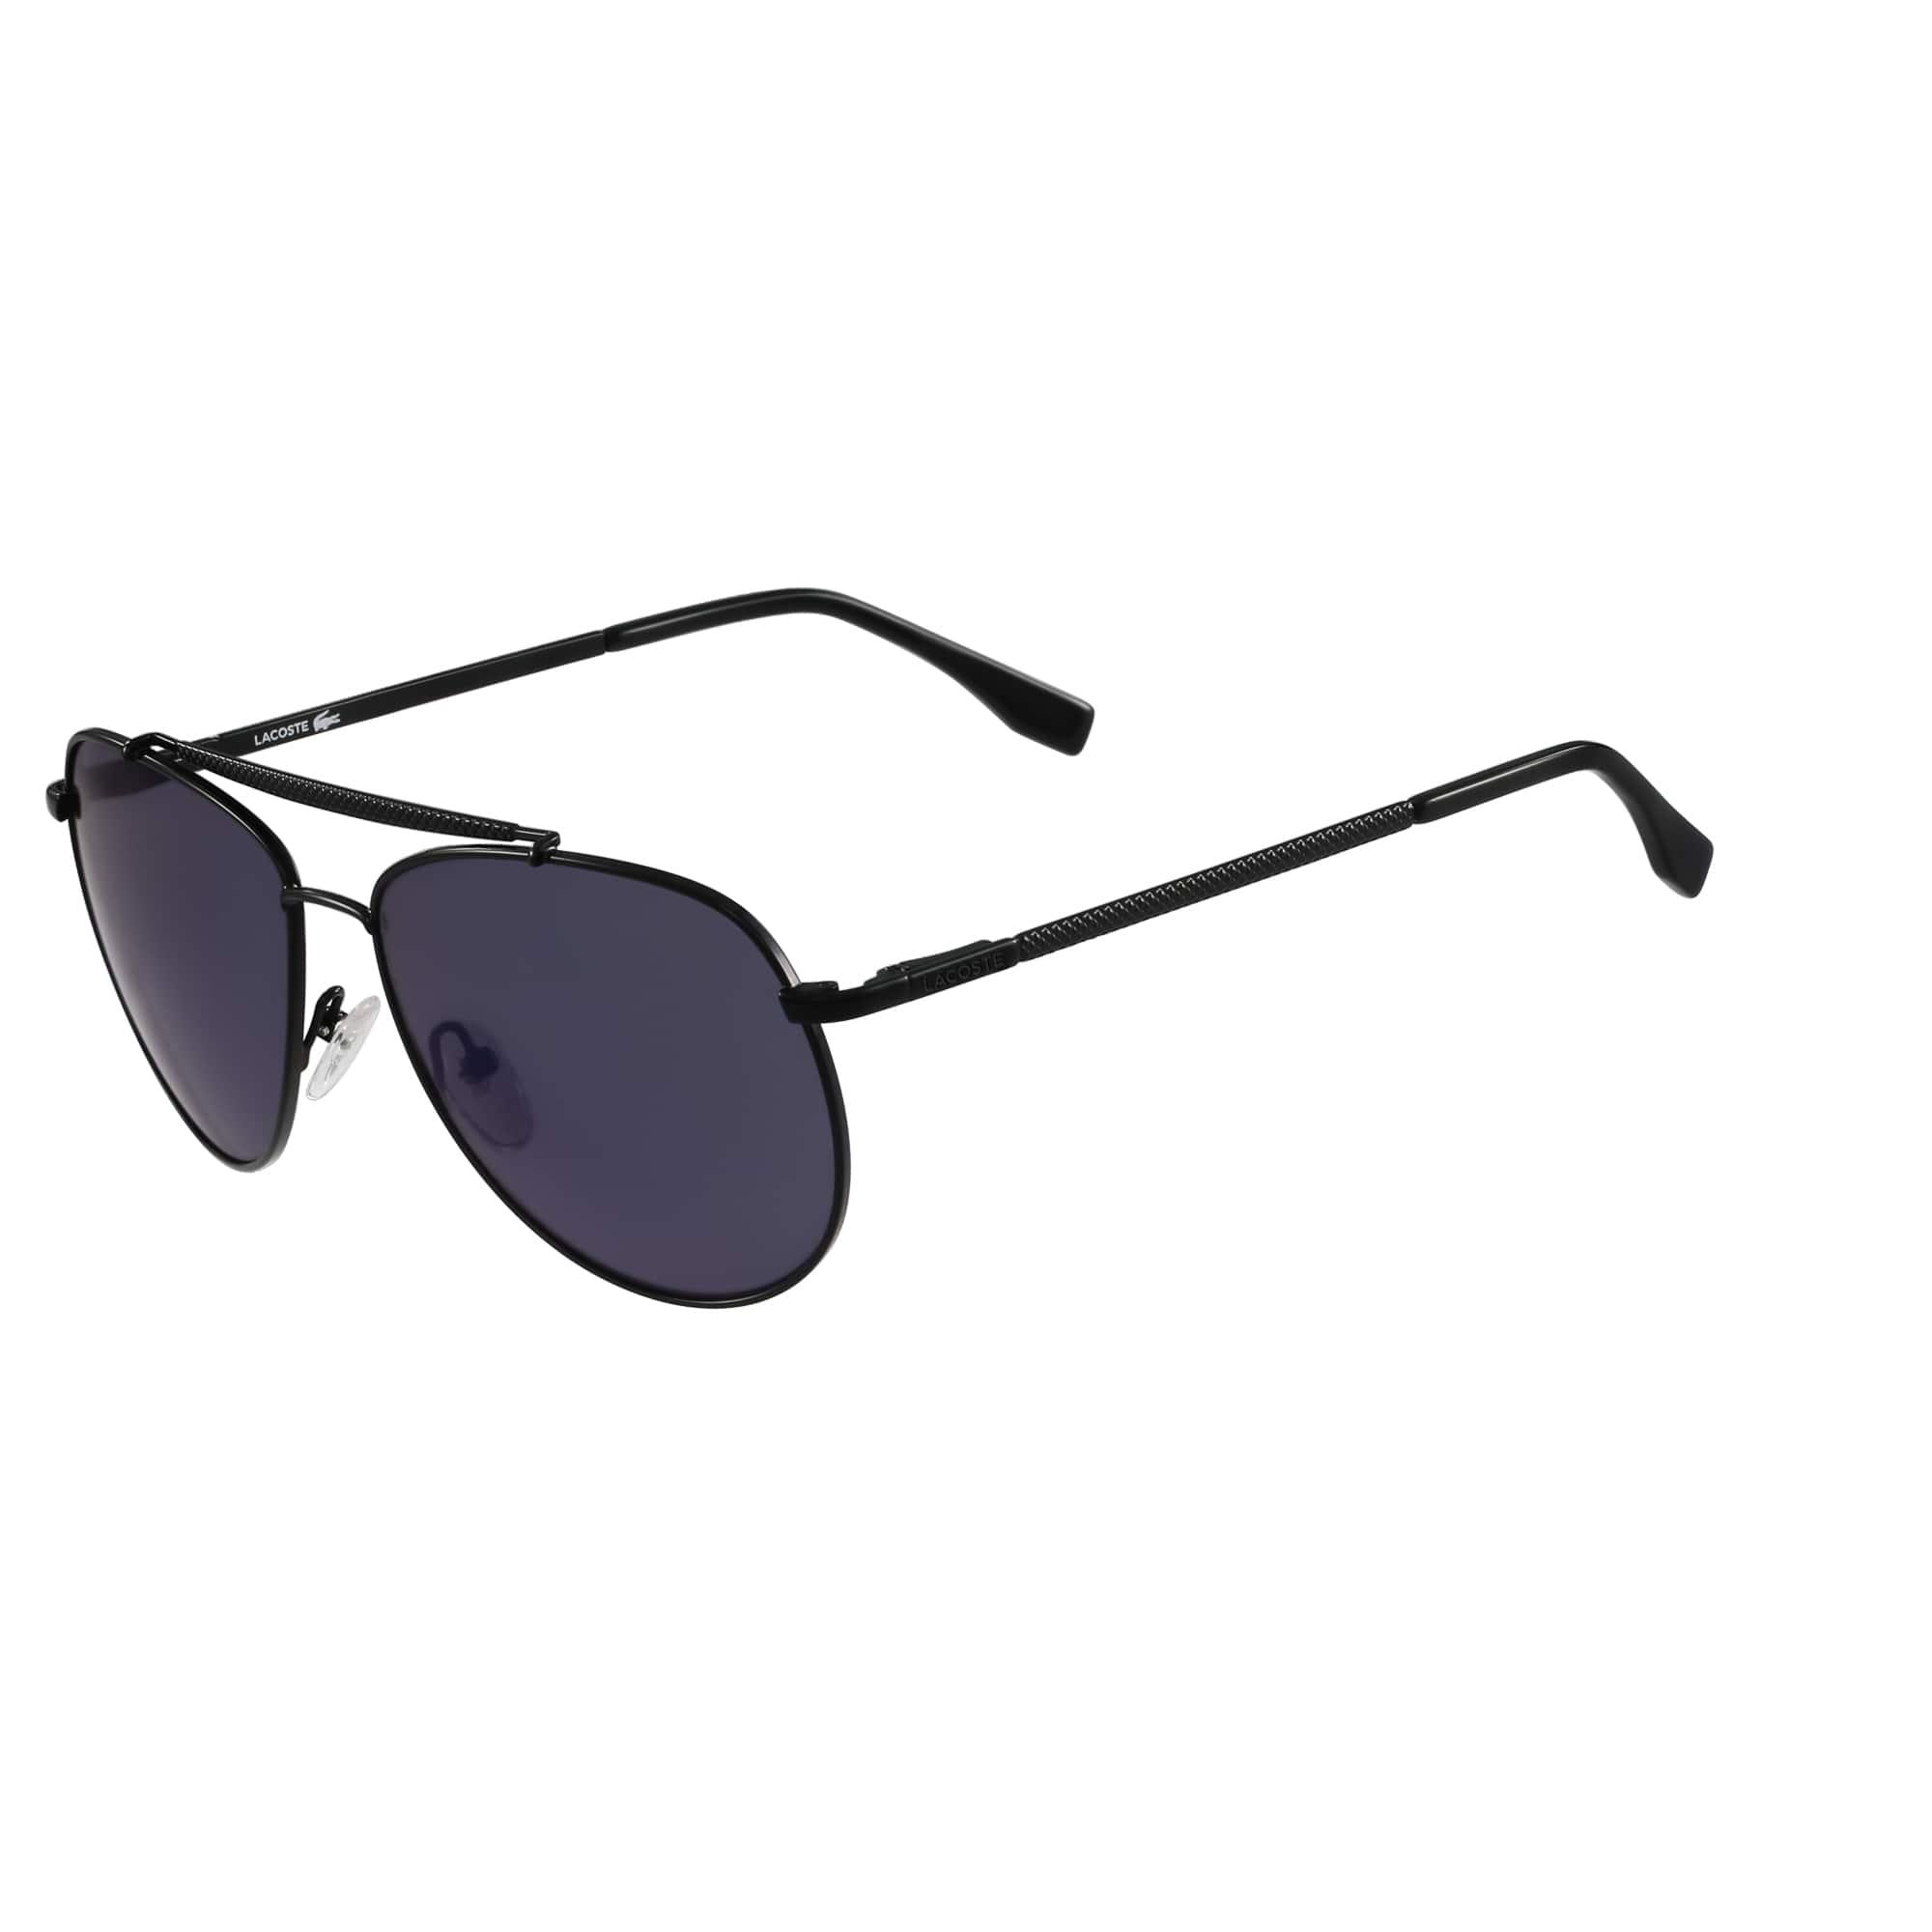 e6f99920f29e6 Sunglasses for Women